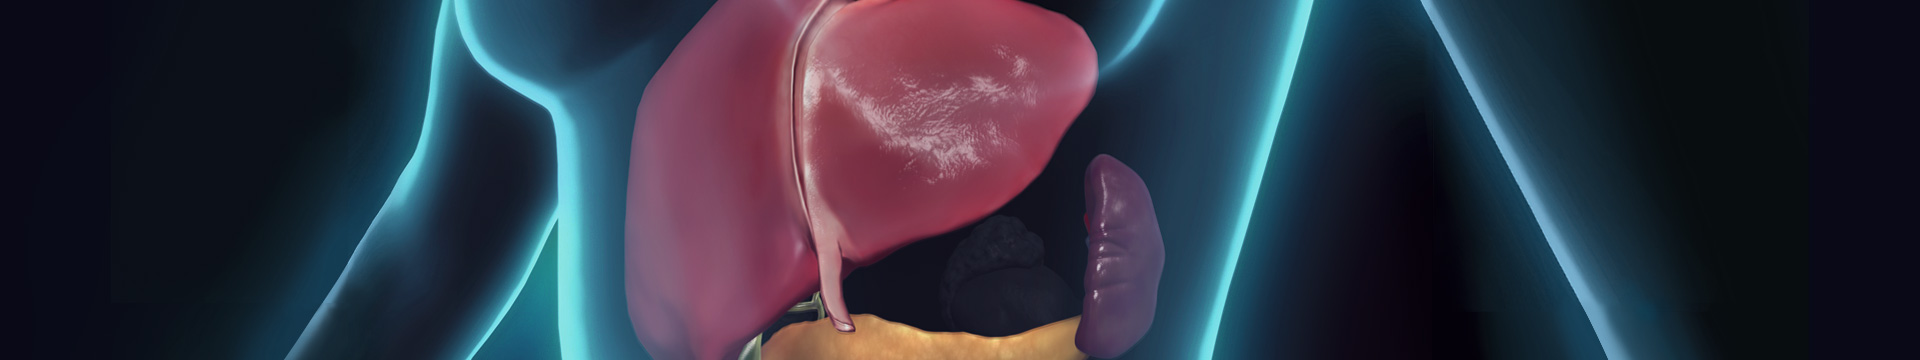 肝胆膵外科 ヒーローイメージ